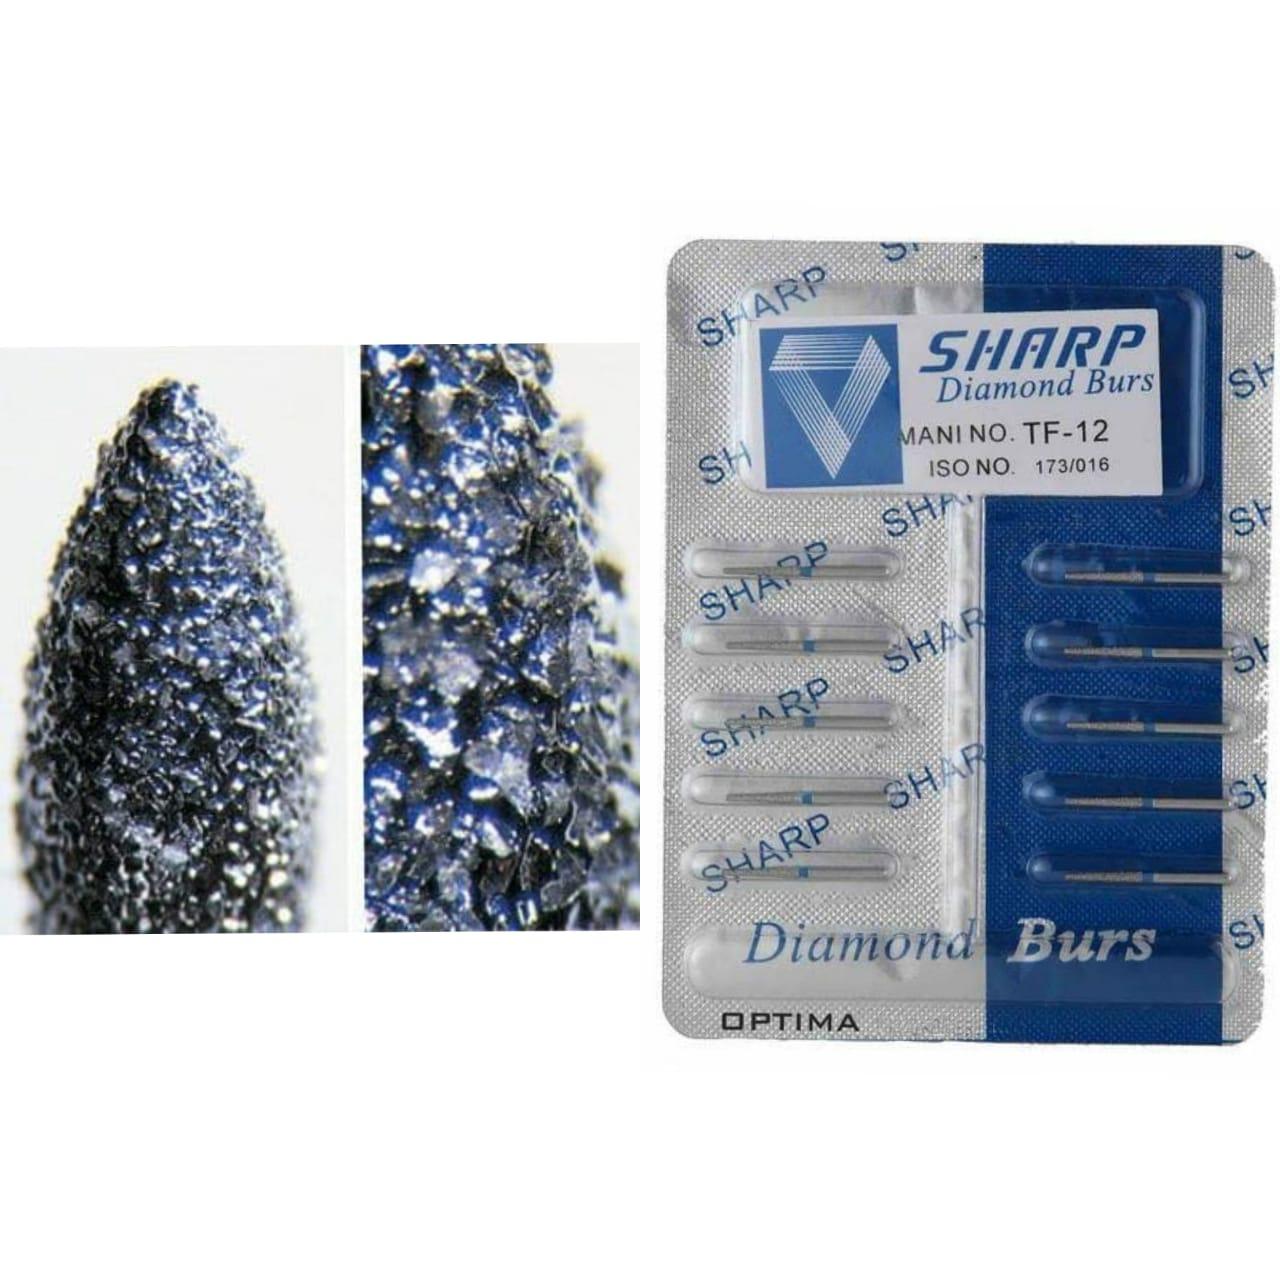 ROTARY DIAMOND BURS